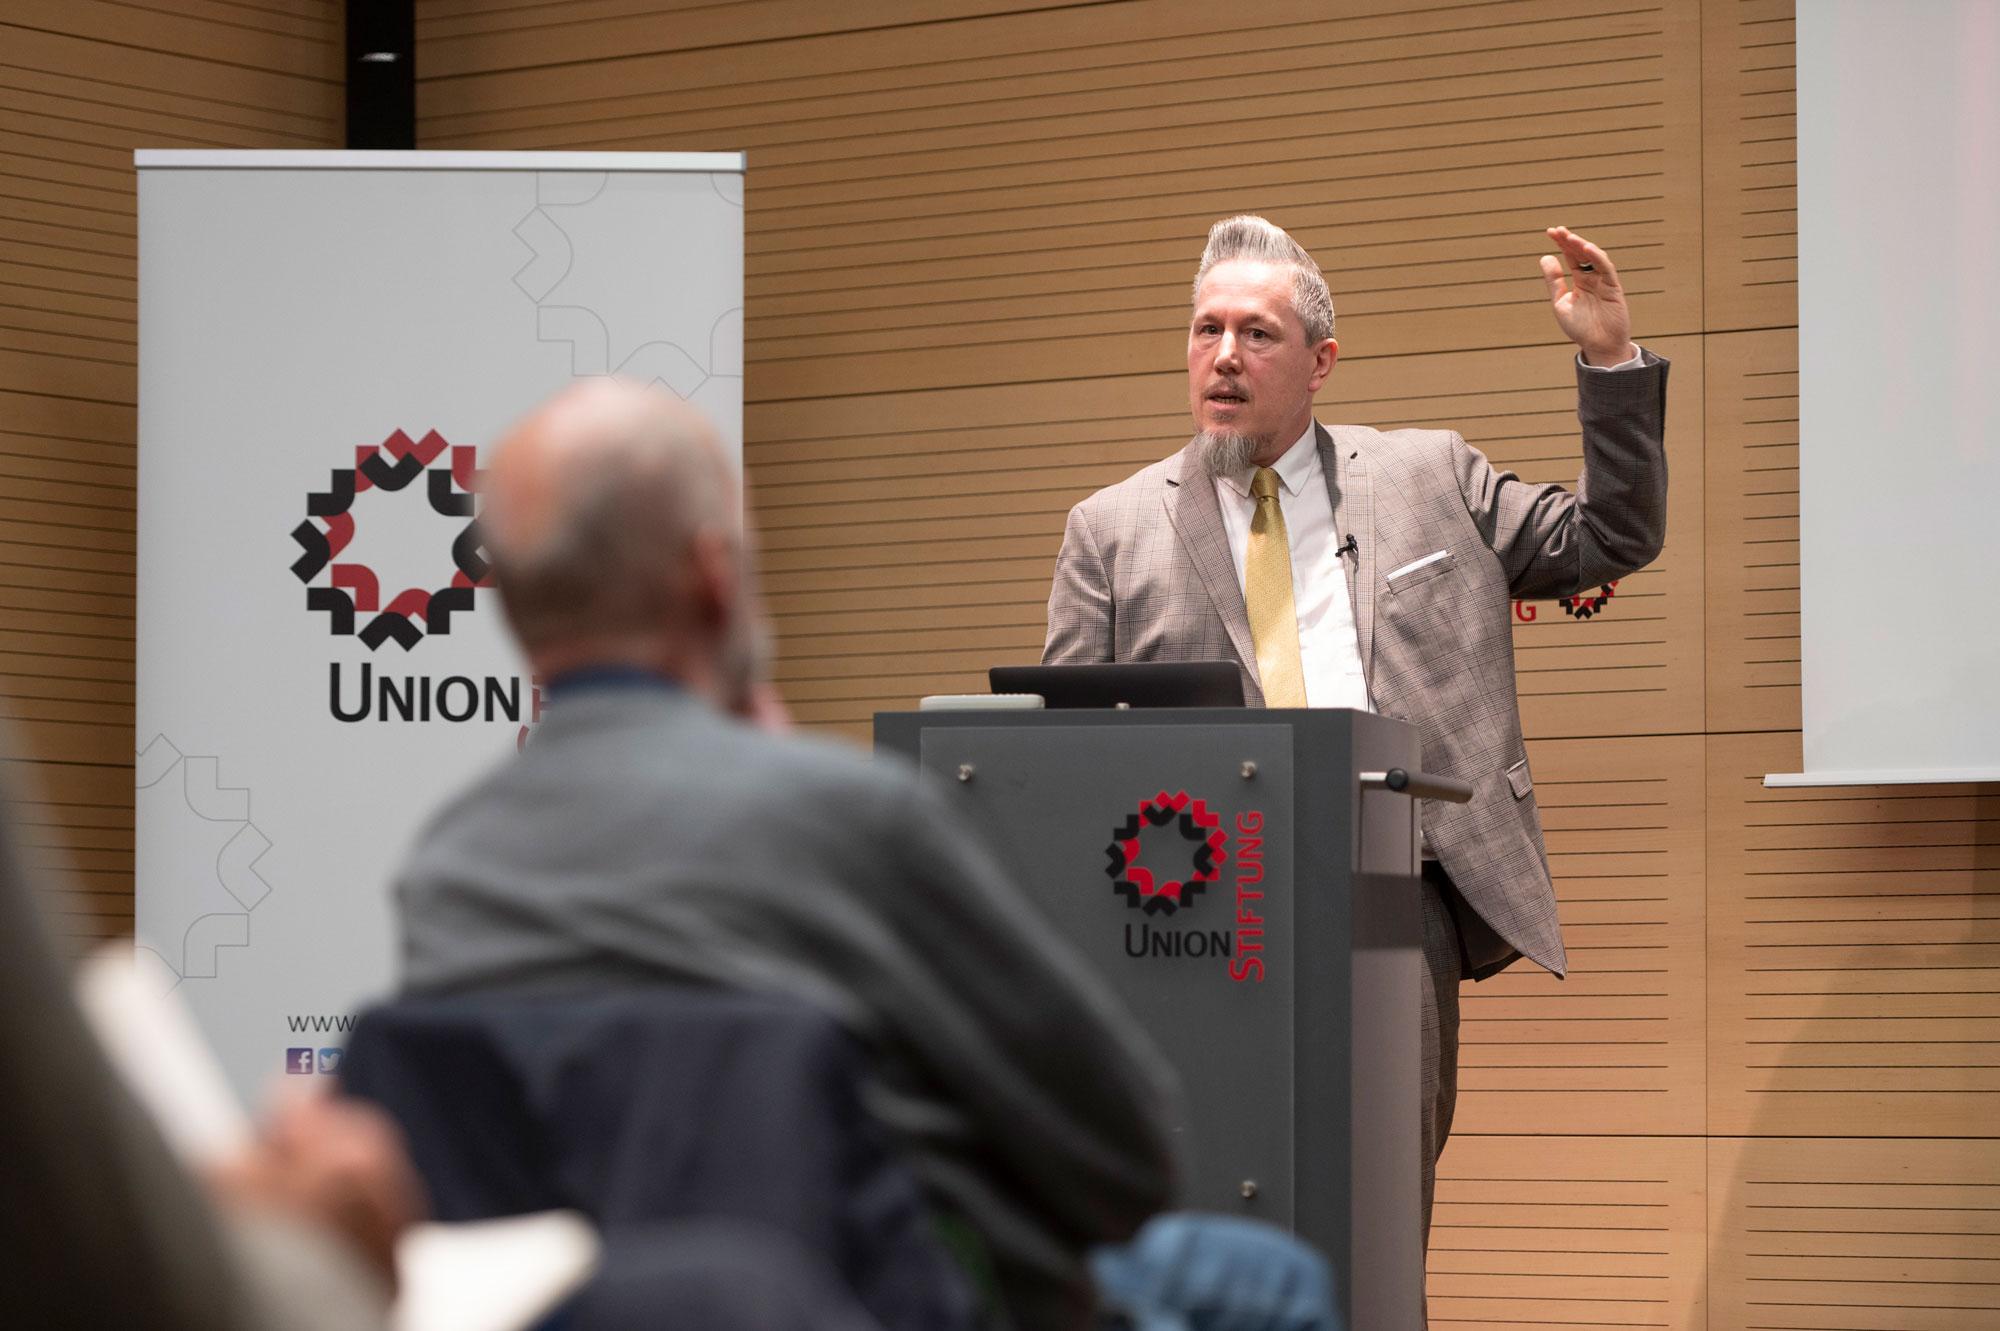 Union Stiftung Saarbrücken. Wie Netflix, Amazon Prime und Co. unsere Demokratie bedrohen